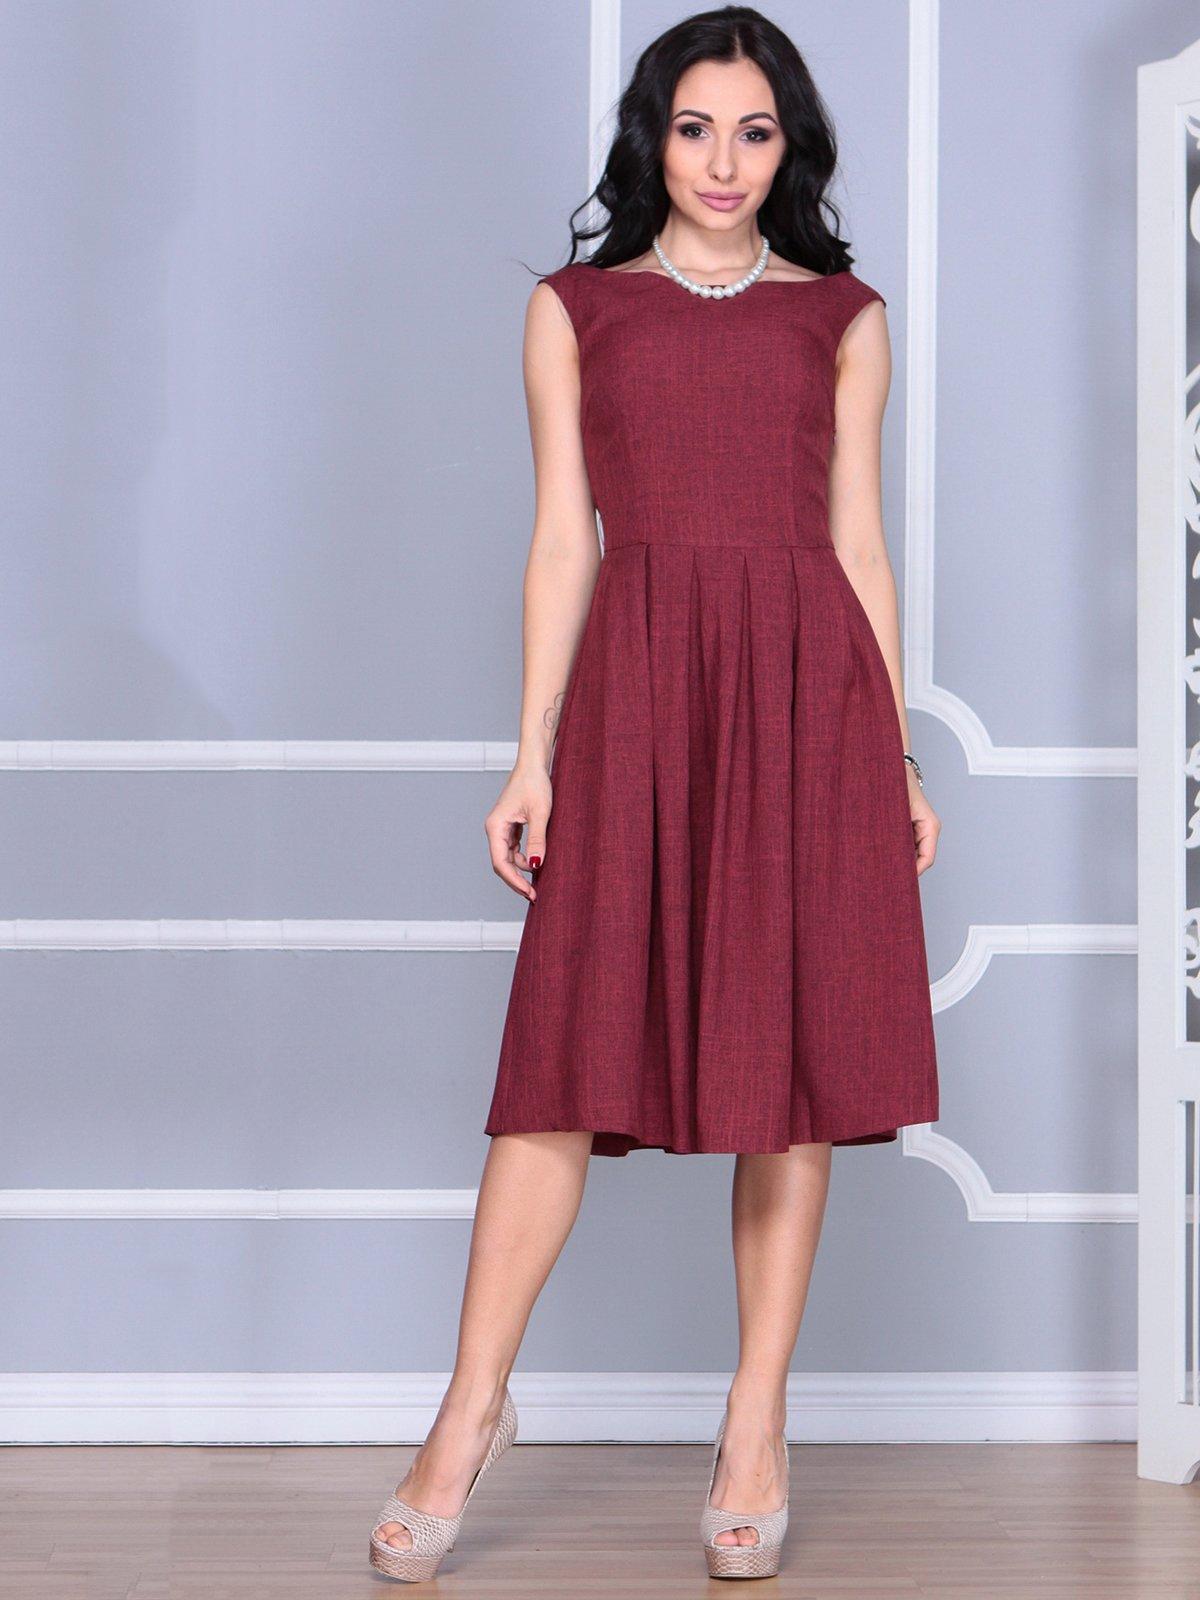 Платье светло-сливового цвета   4028059   фото 3